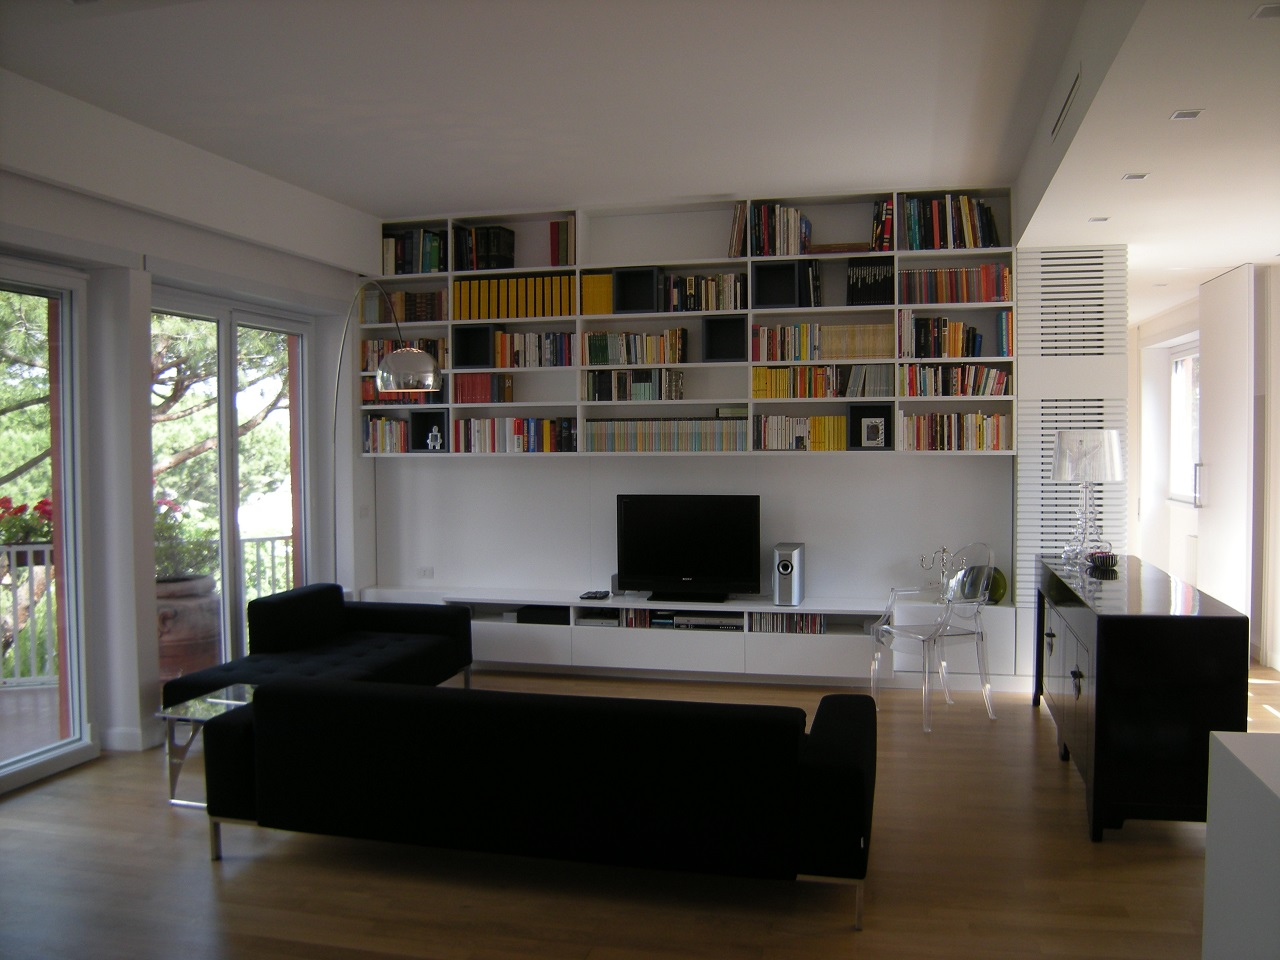 librerie-libreriaSoffitto